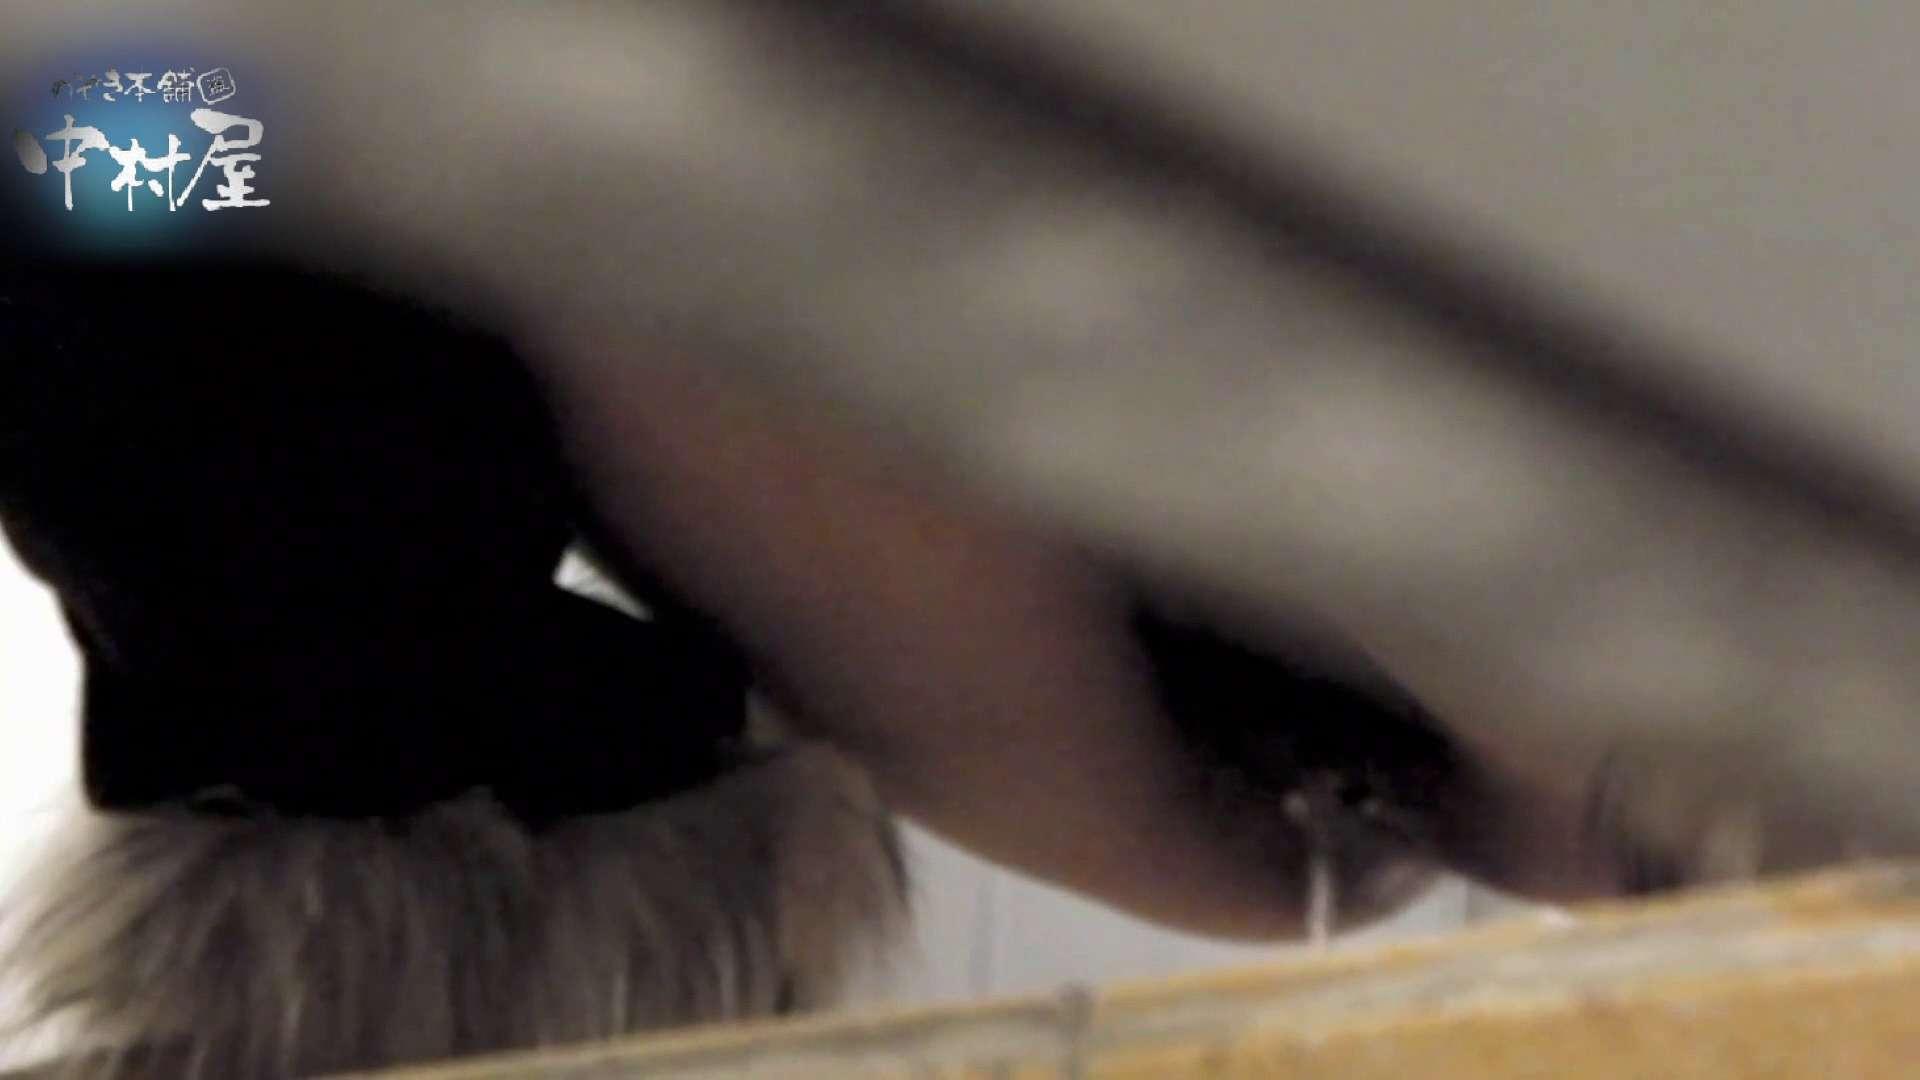 乙女集まる!ショッピングモール潜入撮vol.05 OLエロ画像 覗きワレメ動画紹介 109PICs 104